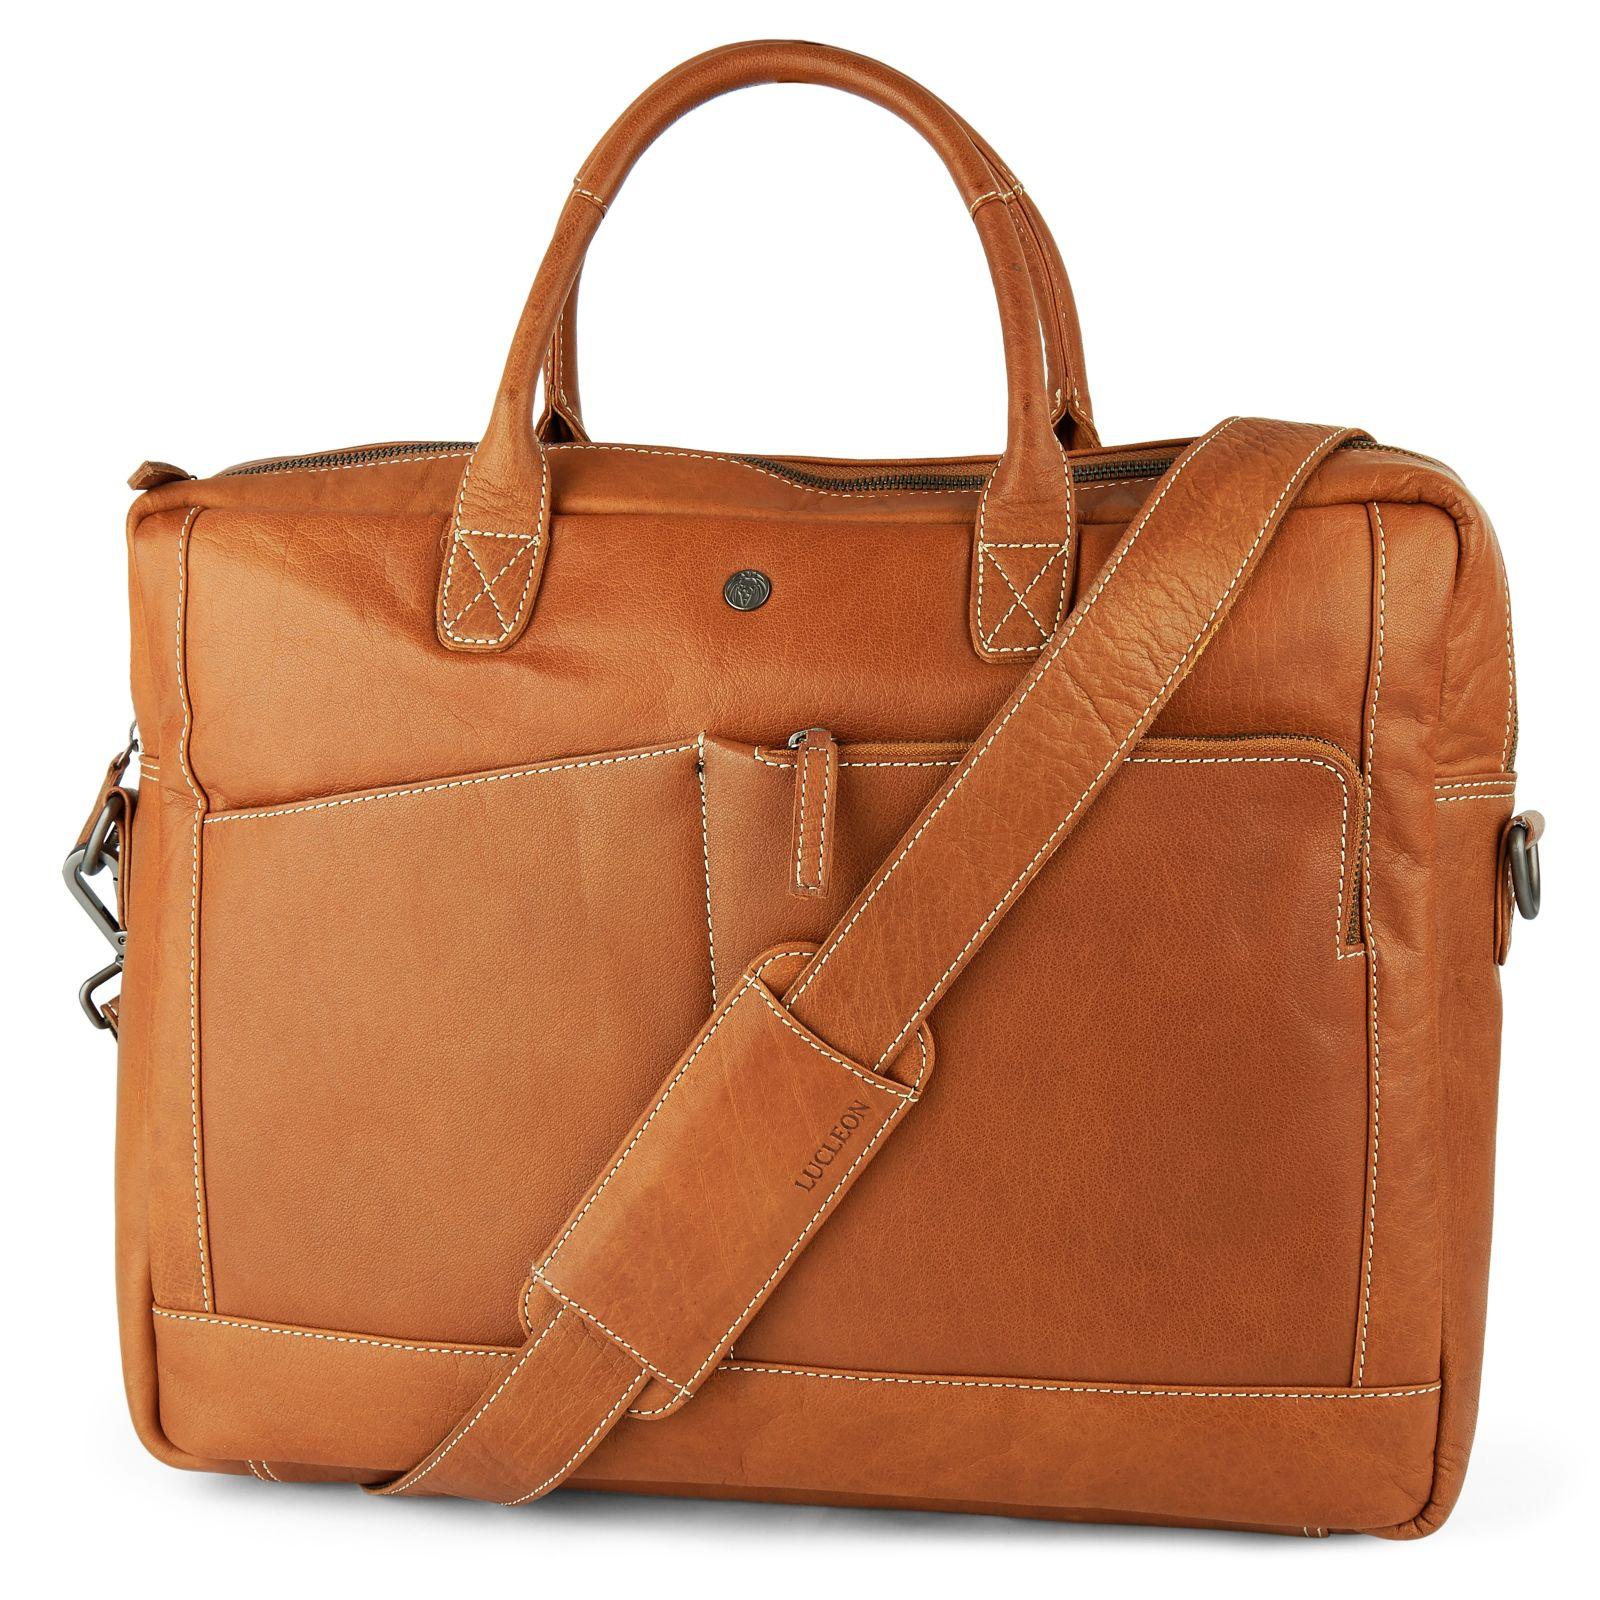 ce5d5e7b0c16 Oxford Classic nyeregbarna bőr laptoptáska | Ingyenes kiszállítás | Lucleon